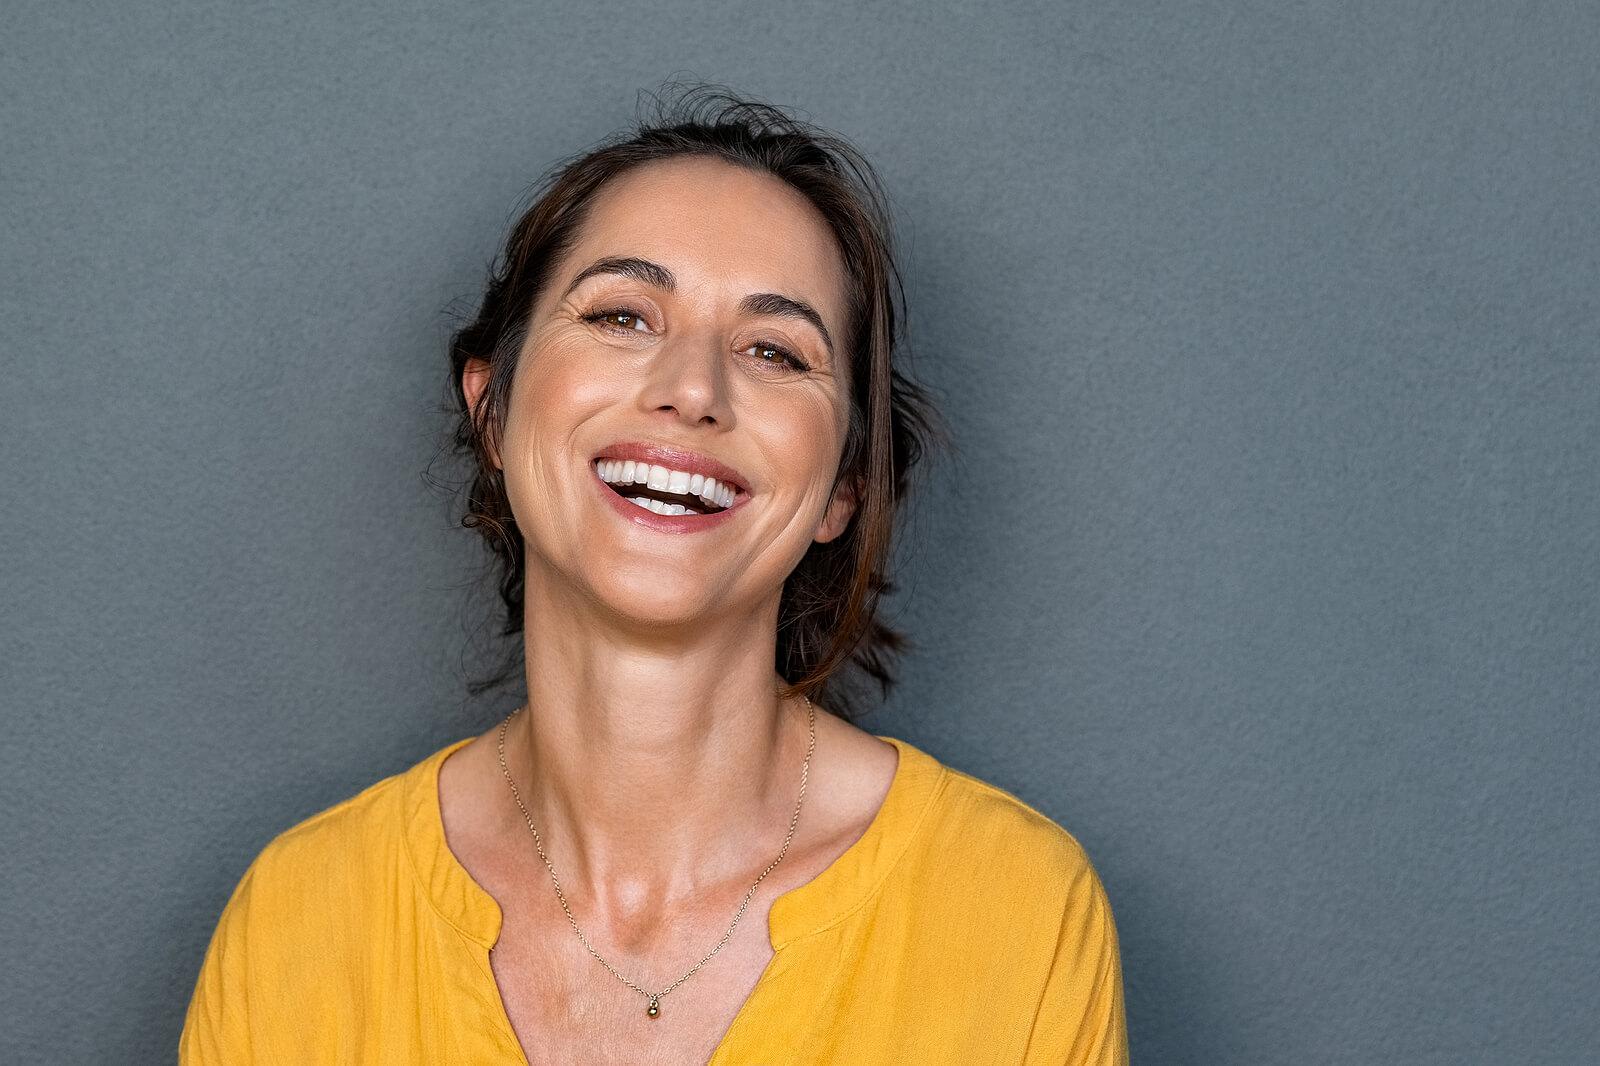 Estética dentária: mulher com dentes perfeitos